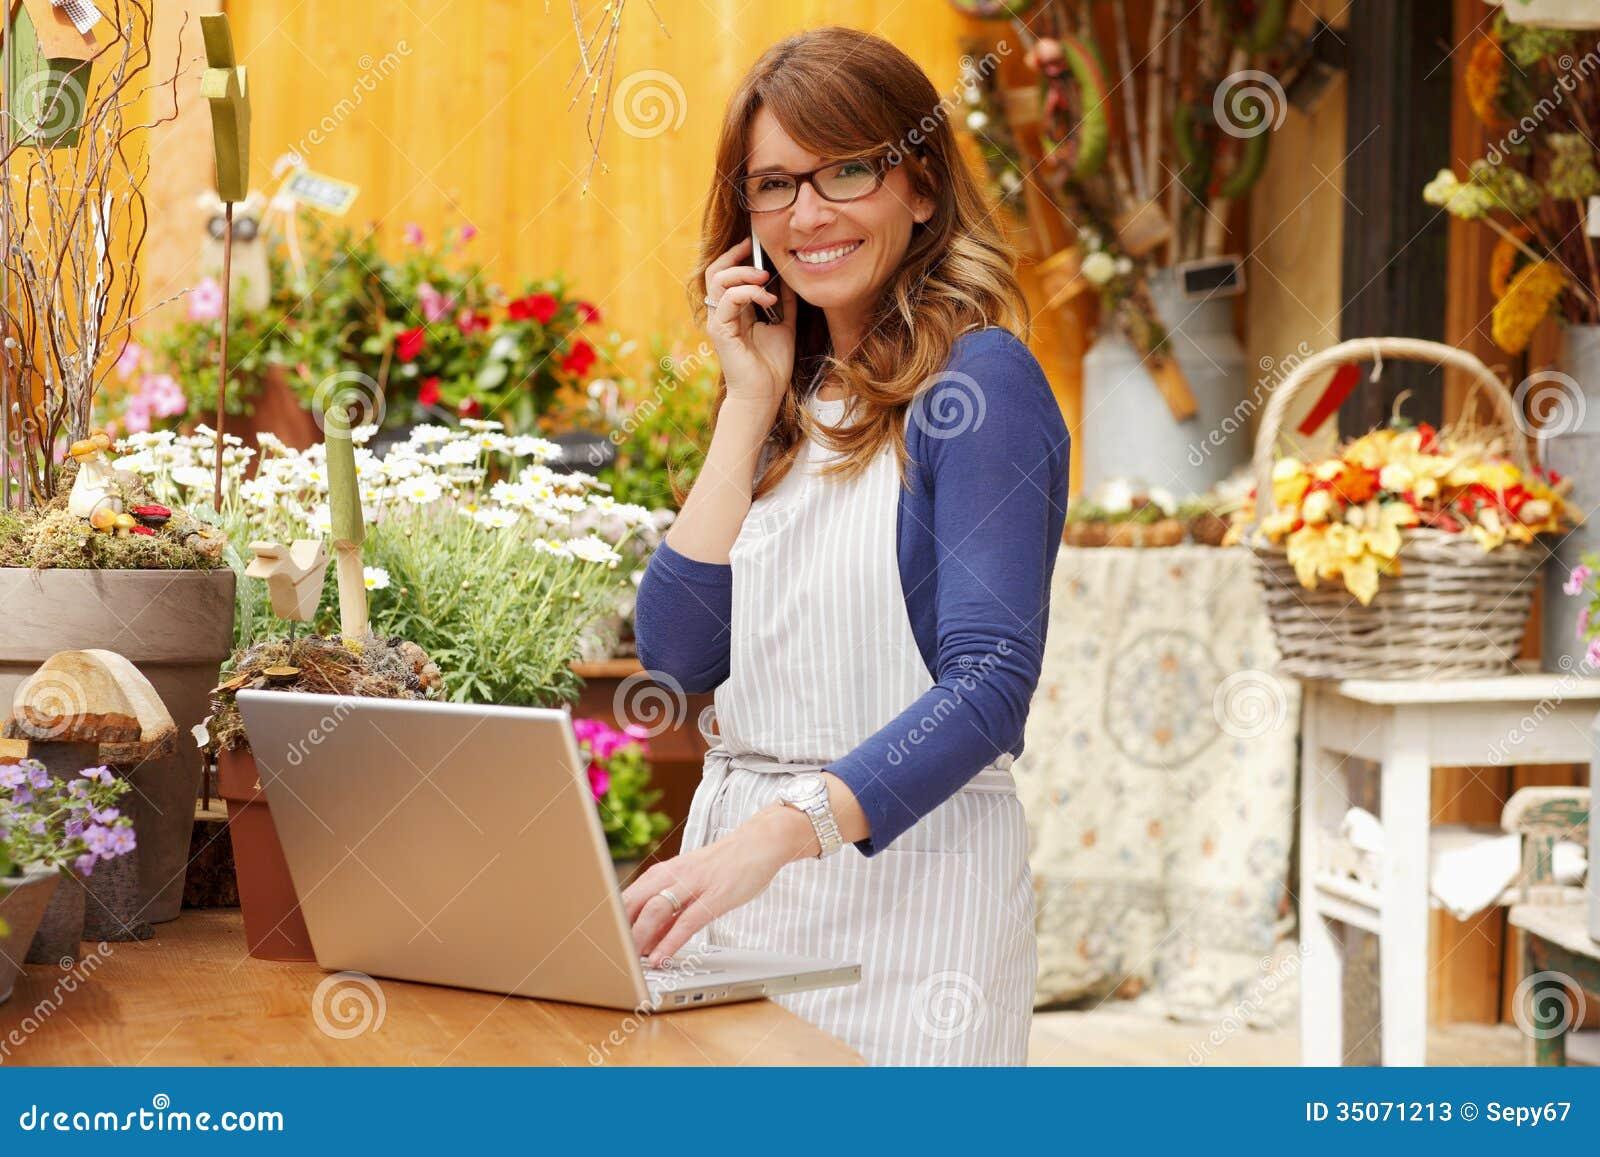 微笑的妇女卖花人,小企业花店所有者